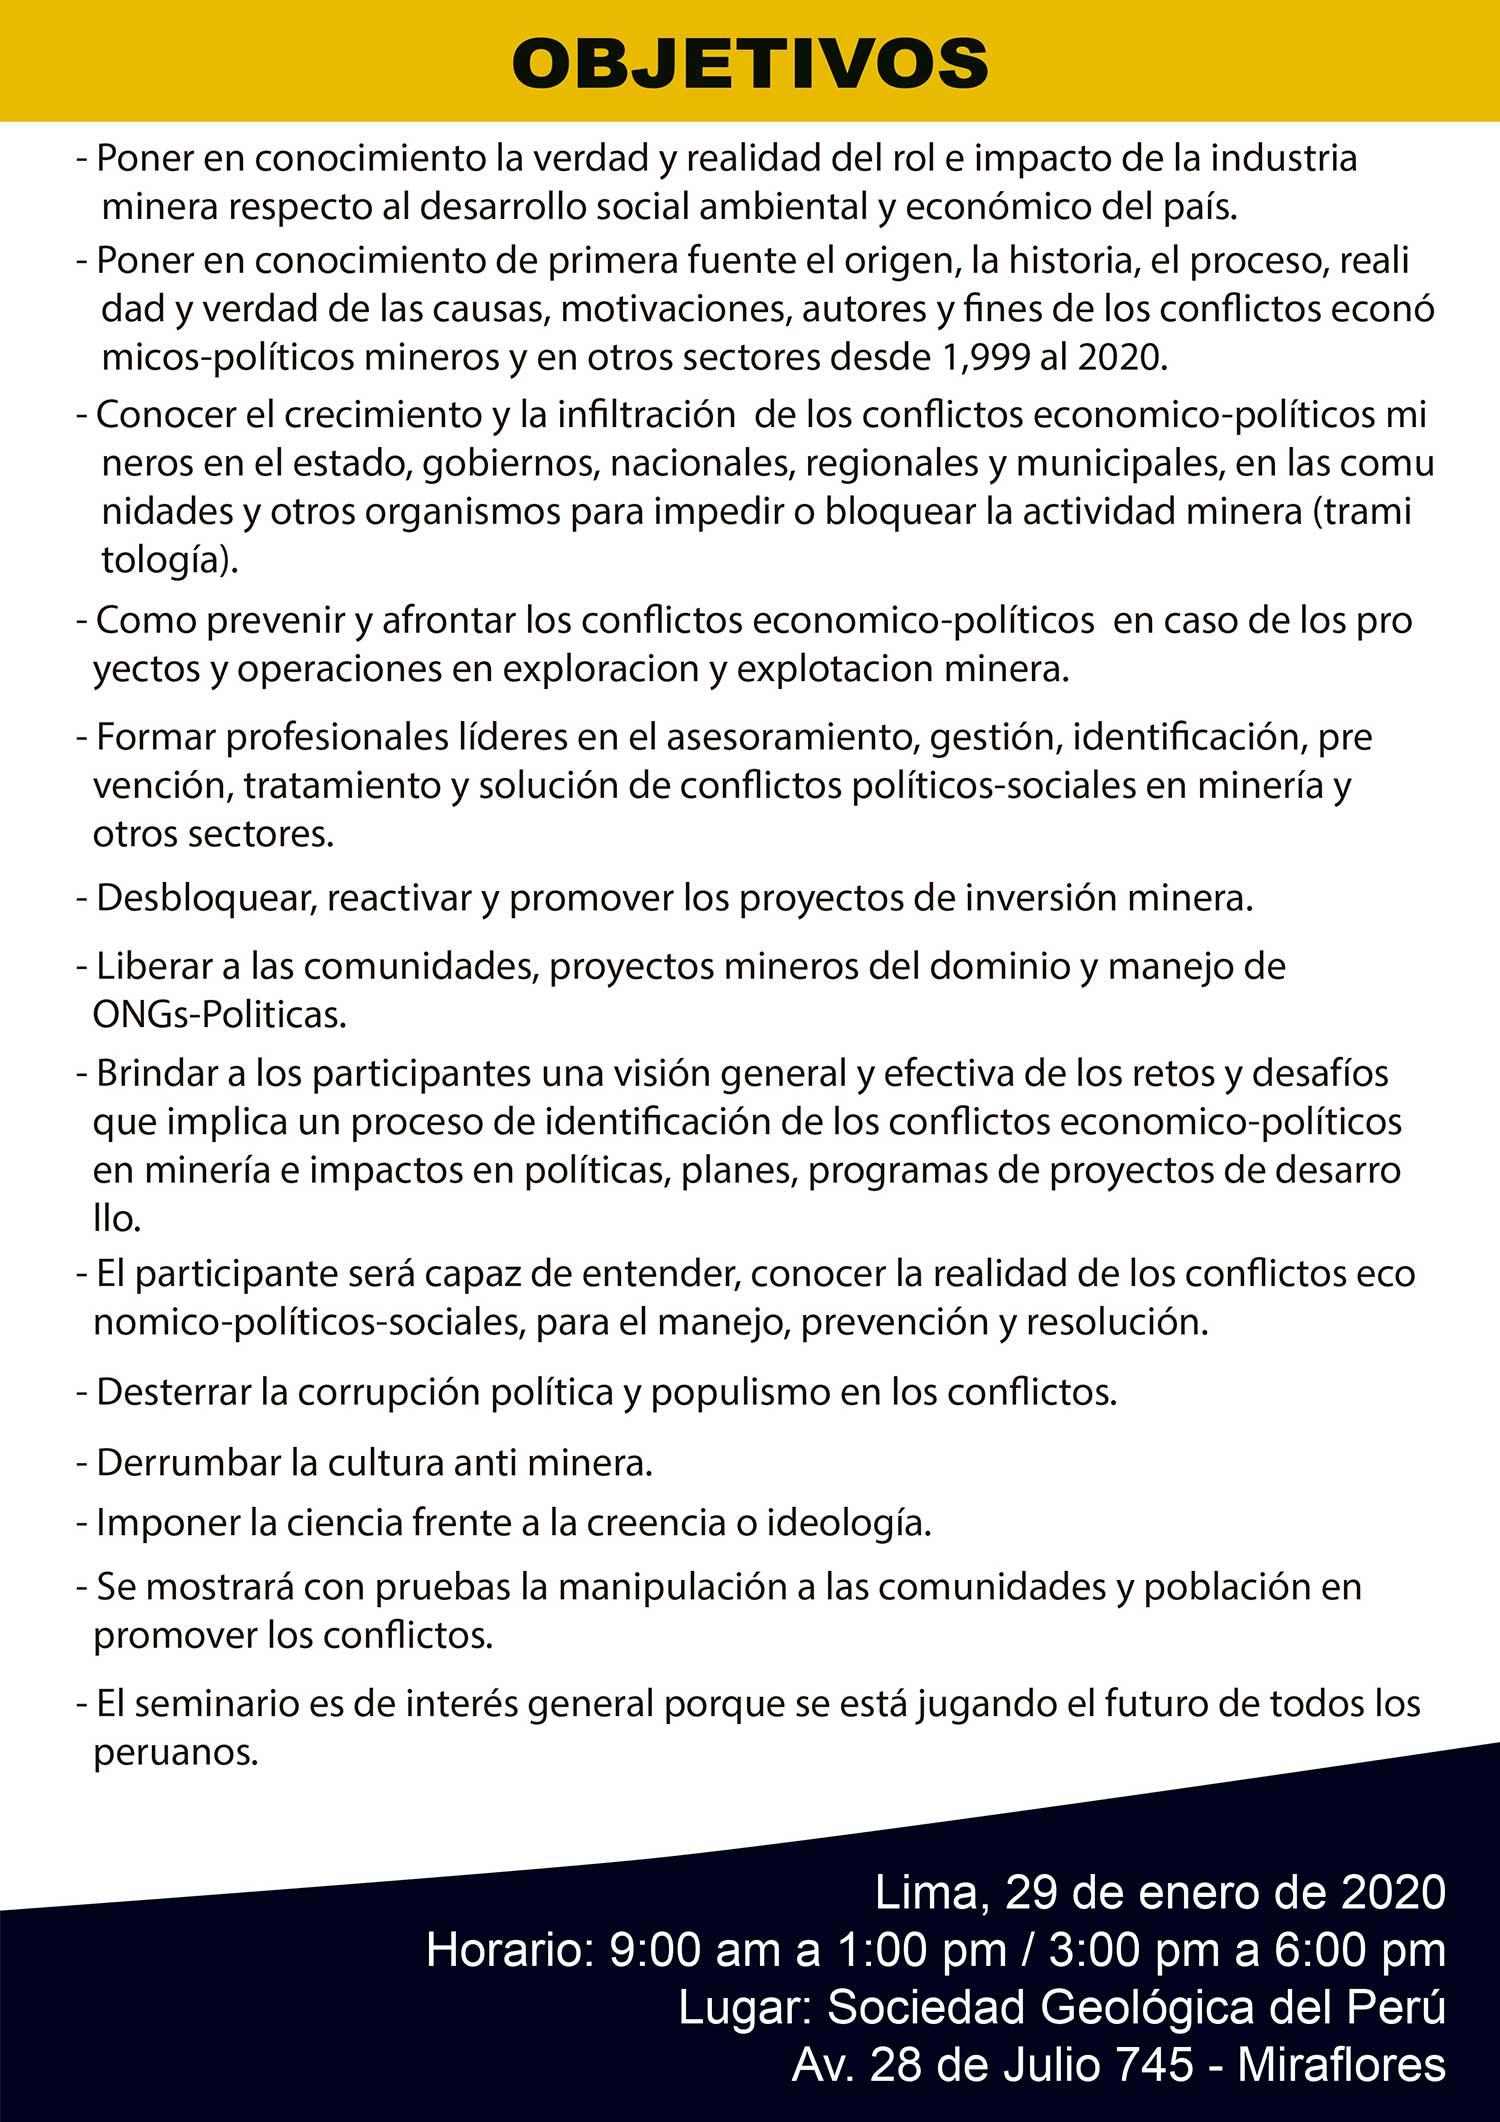 BOLETIN-SEMINARIO-CONFLICTOS-SOCIALES-20-ENERO-2020-3